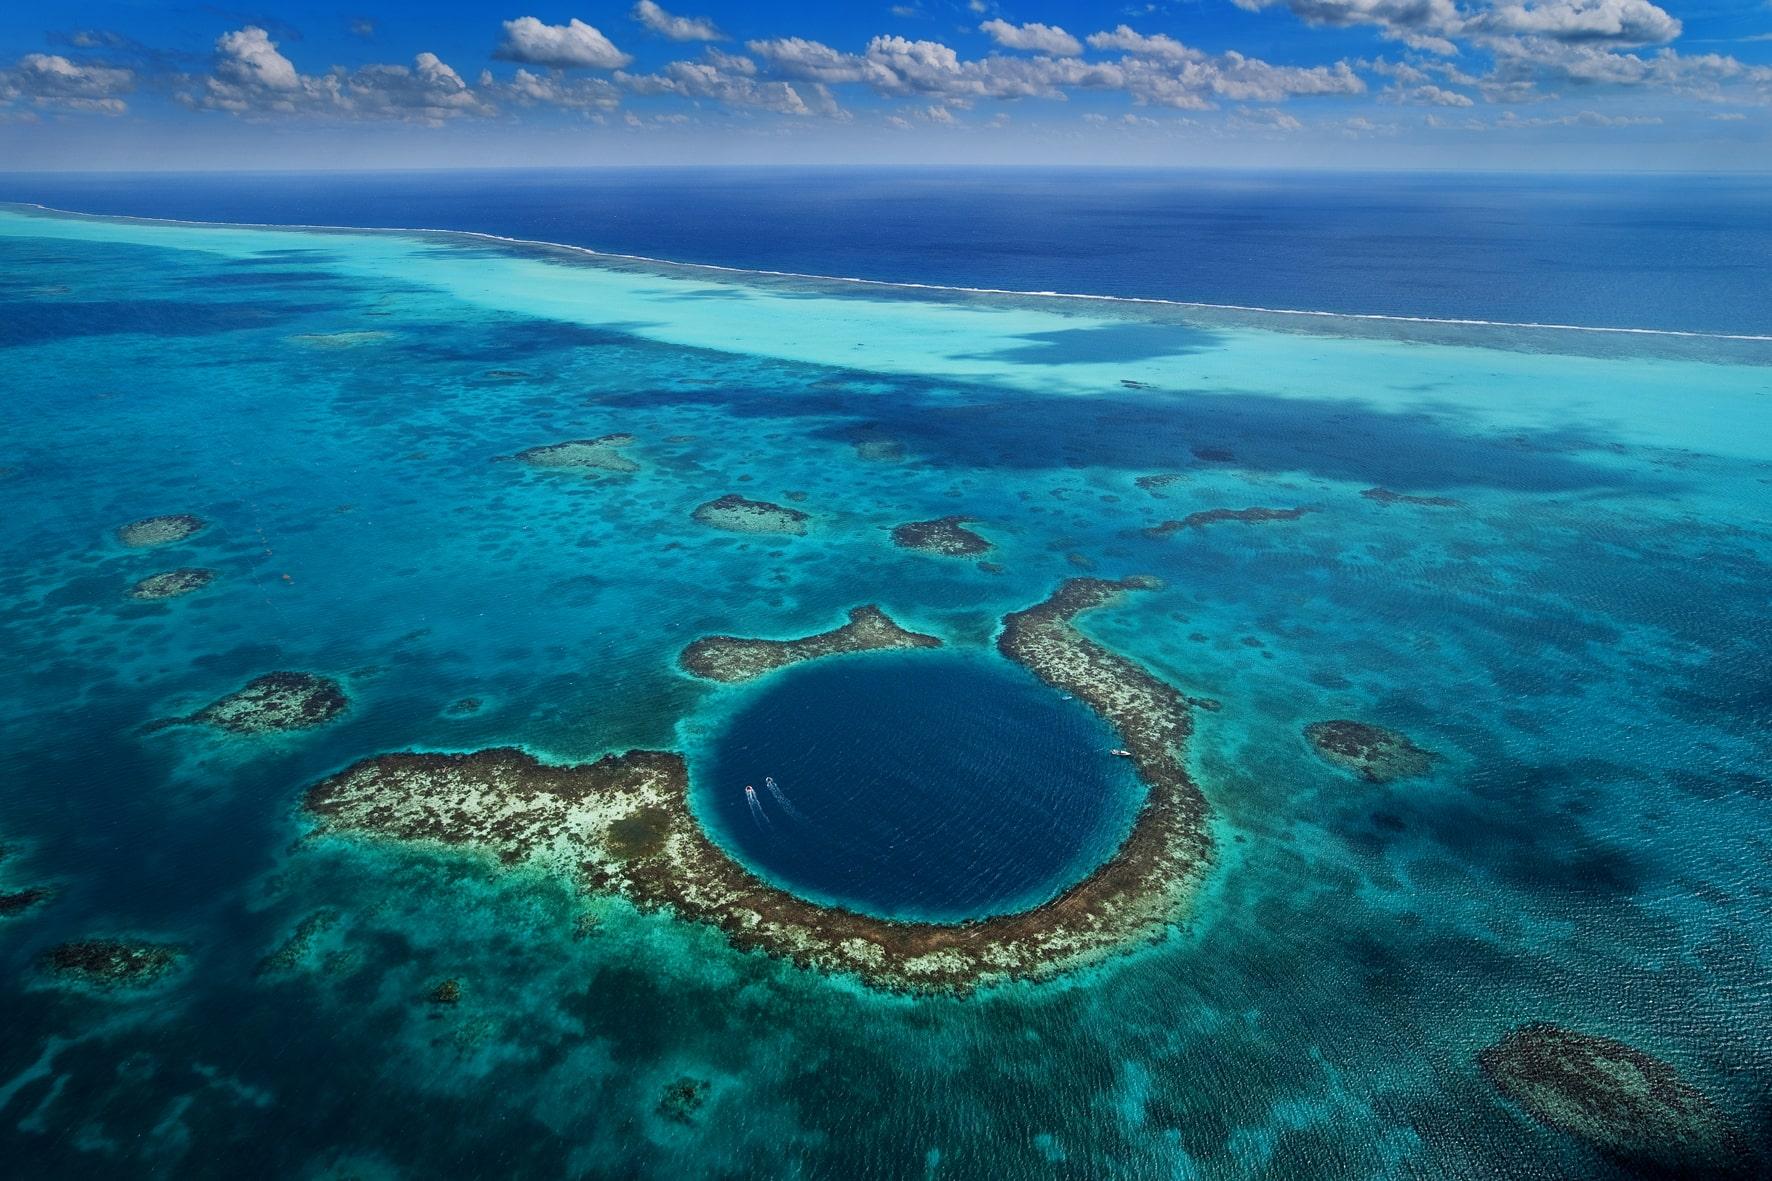 great-blue-hole-worlds-largest-submarin-secret-world